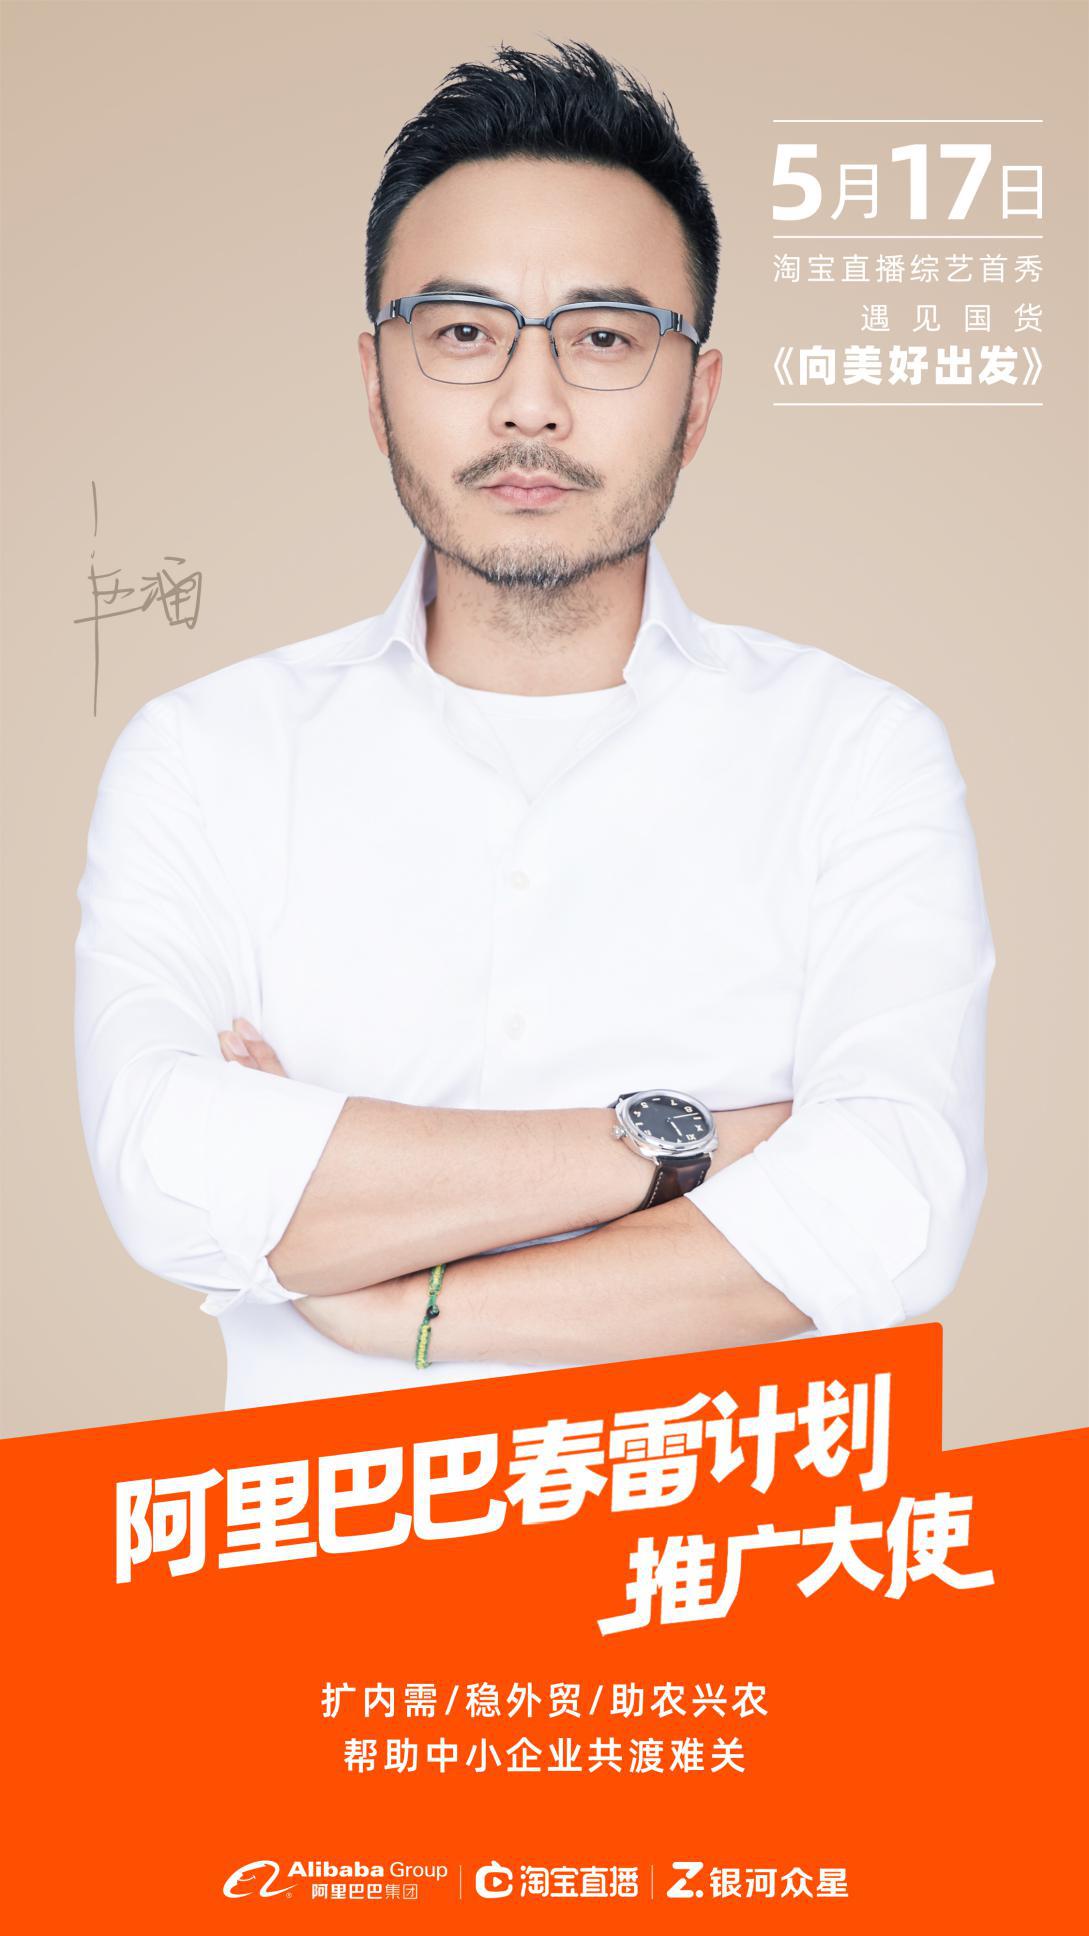 汪涵上淘宝直播:首开直播节目《向美好出发》,助力新国货崛起